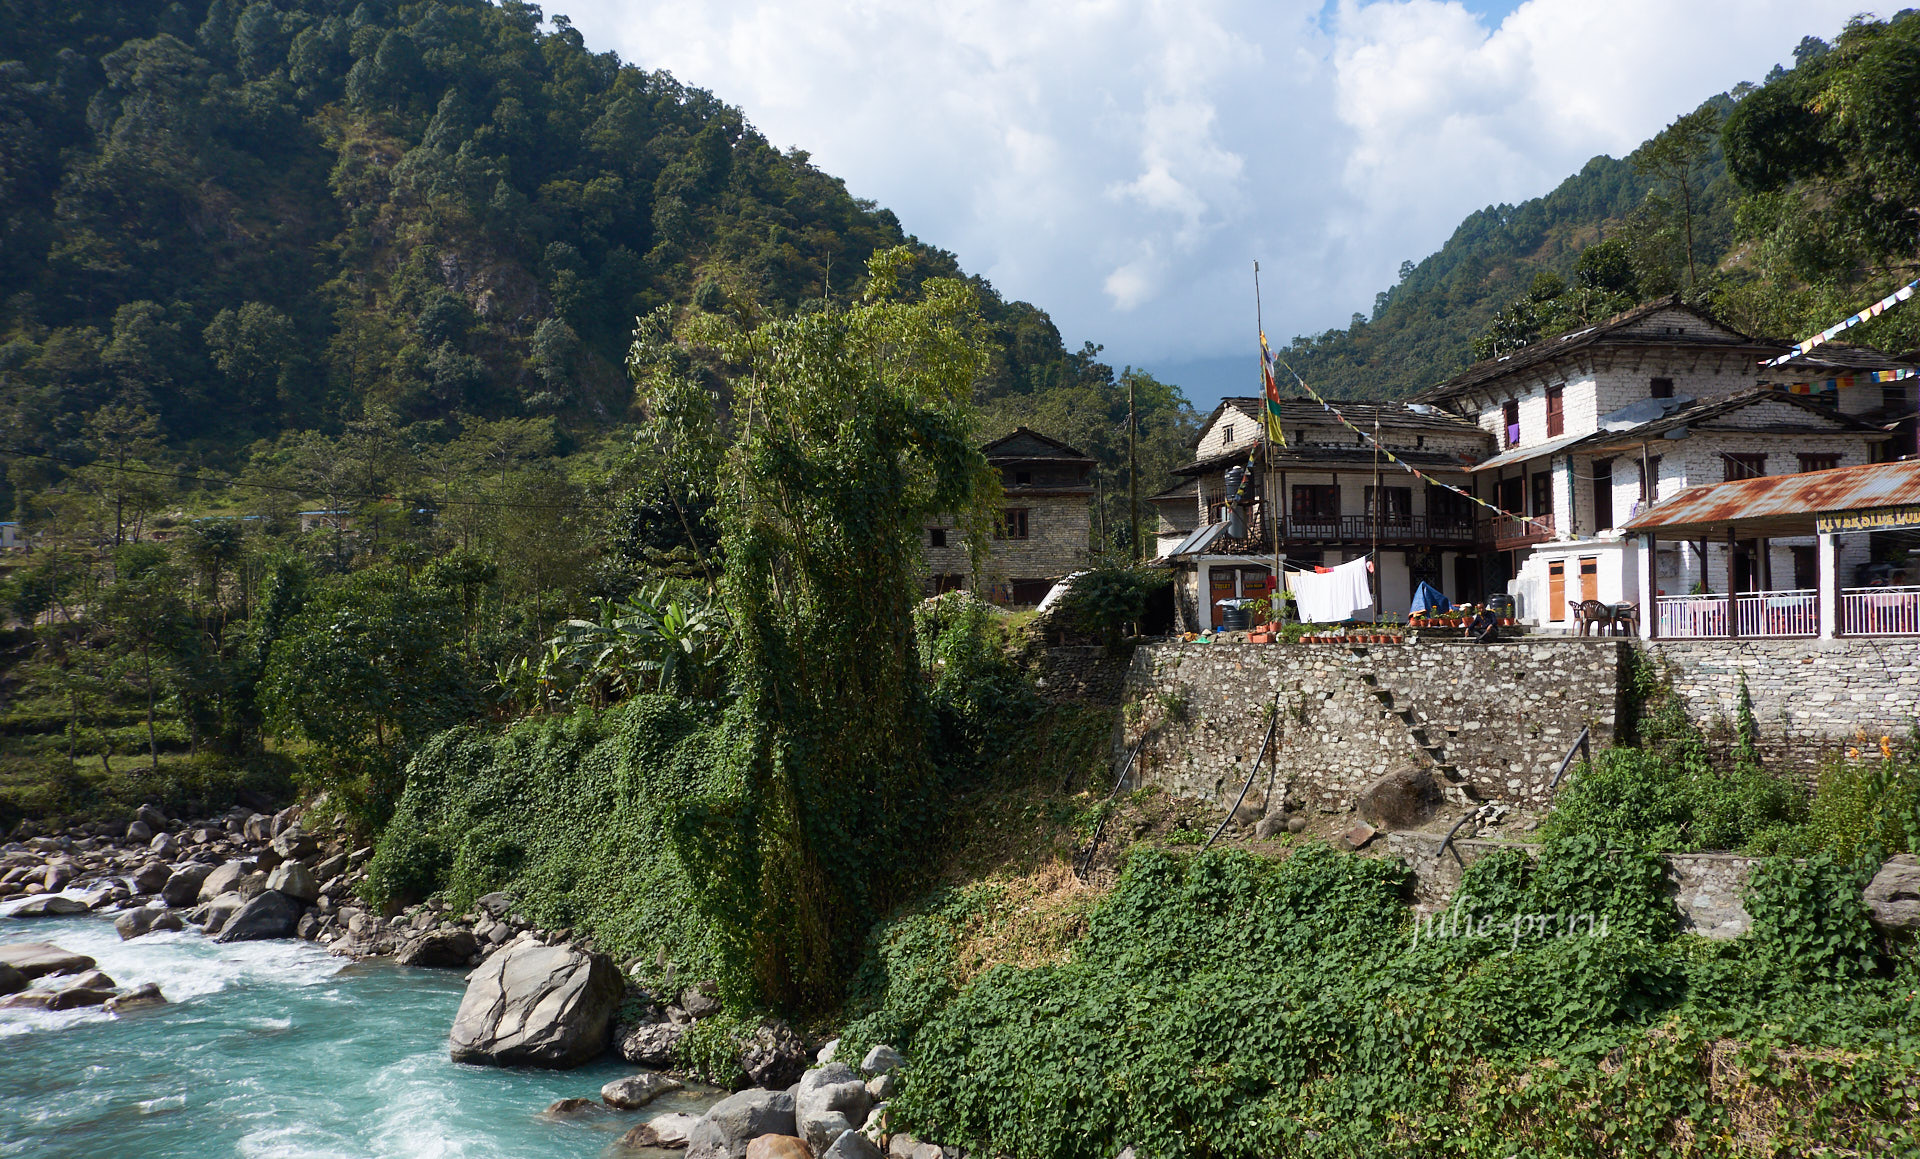 Непал, Пун-Хилл трек, Деревня Биретанти